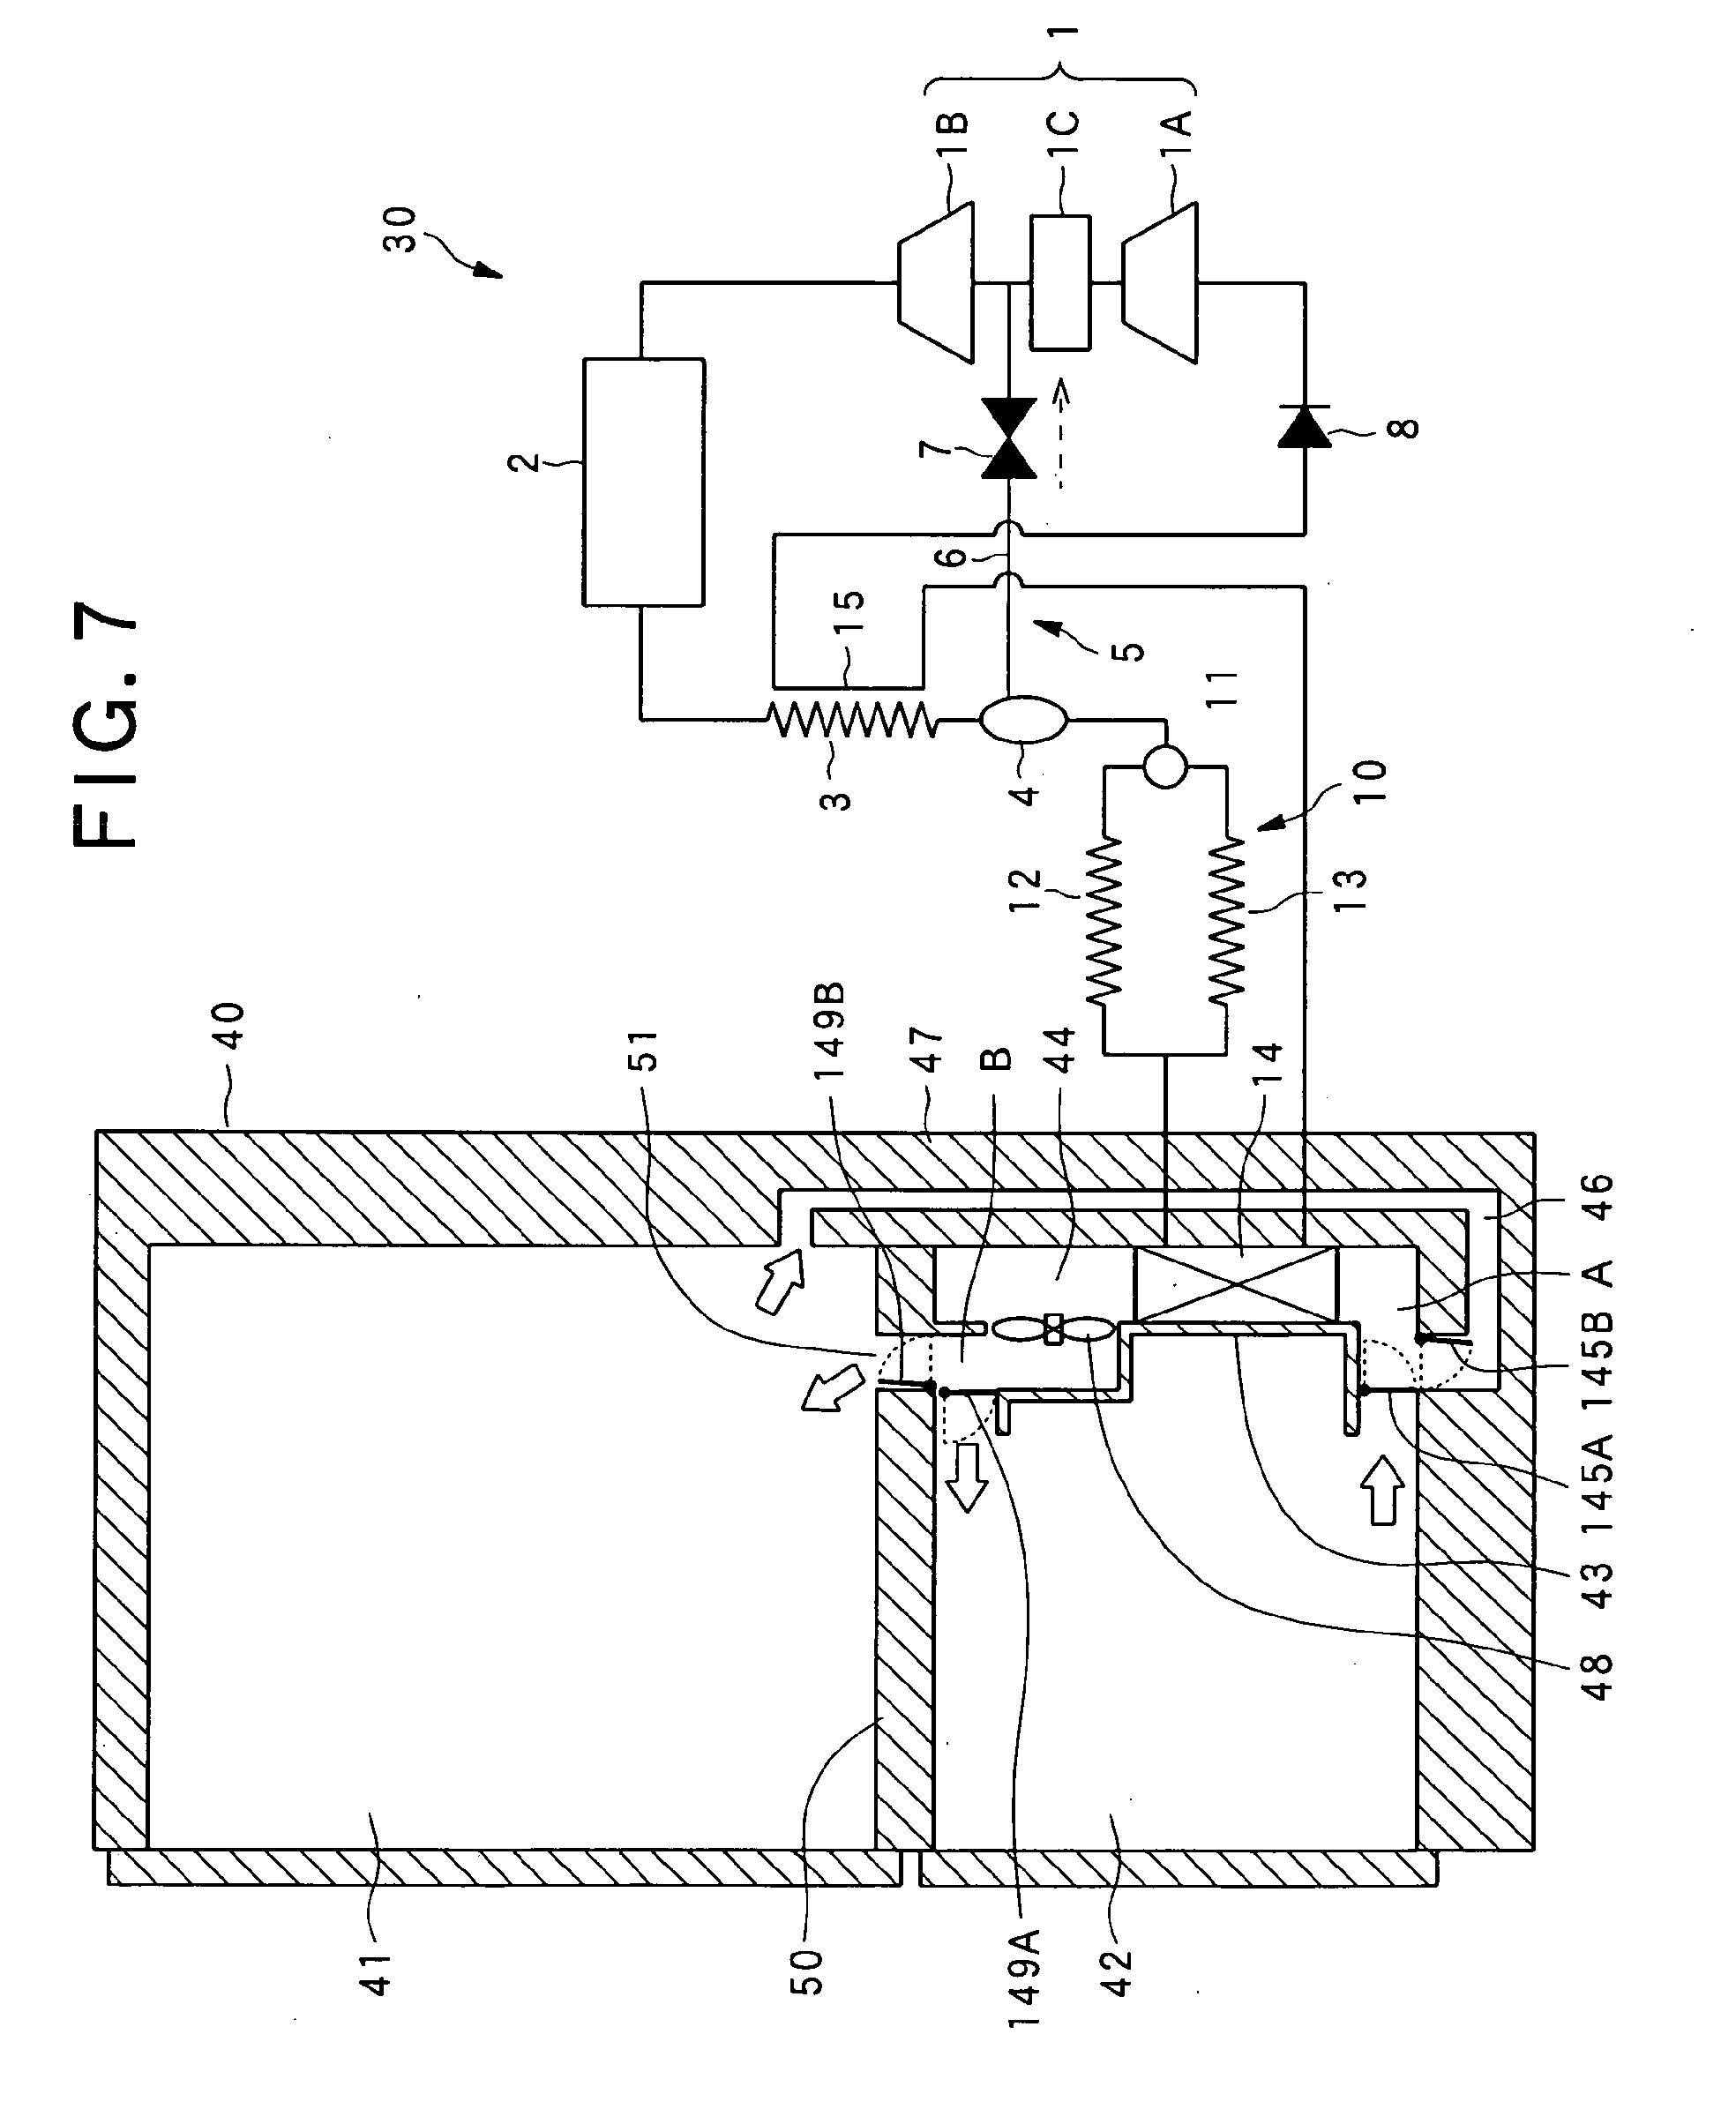 专利ep1577620a2 - refrigerating